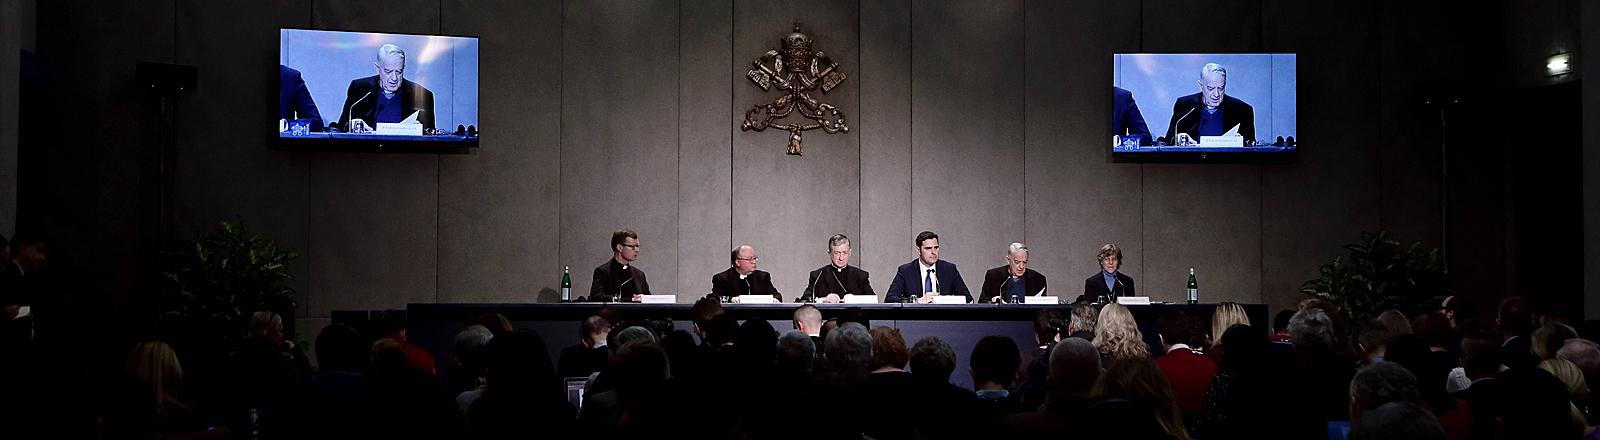 """Pressekonferenz im Vatikan vor der """"Konferenz zum Schutz Minderjähriger"""""""